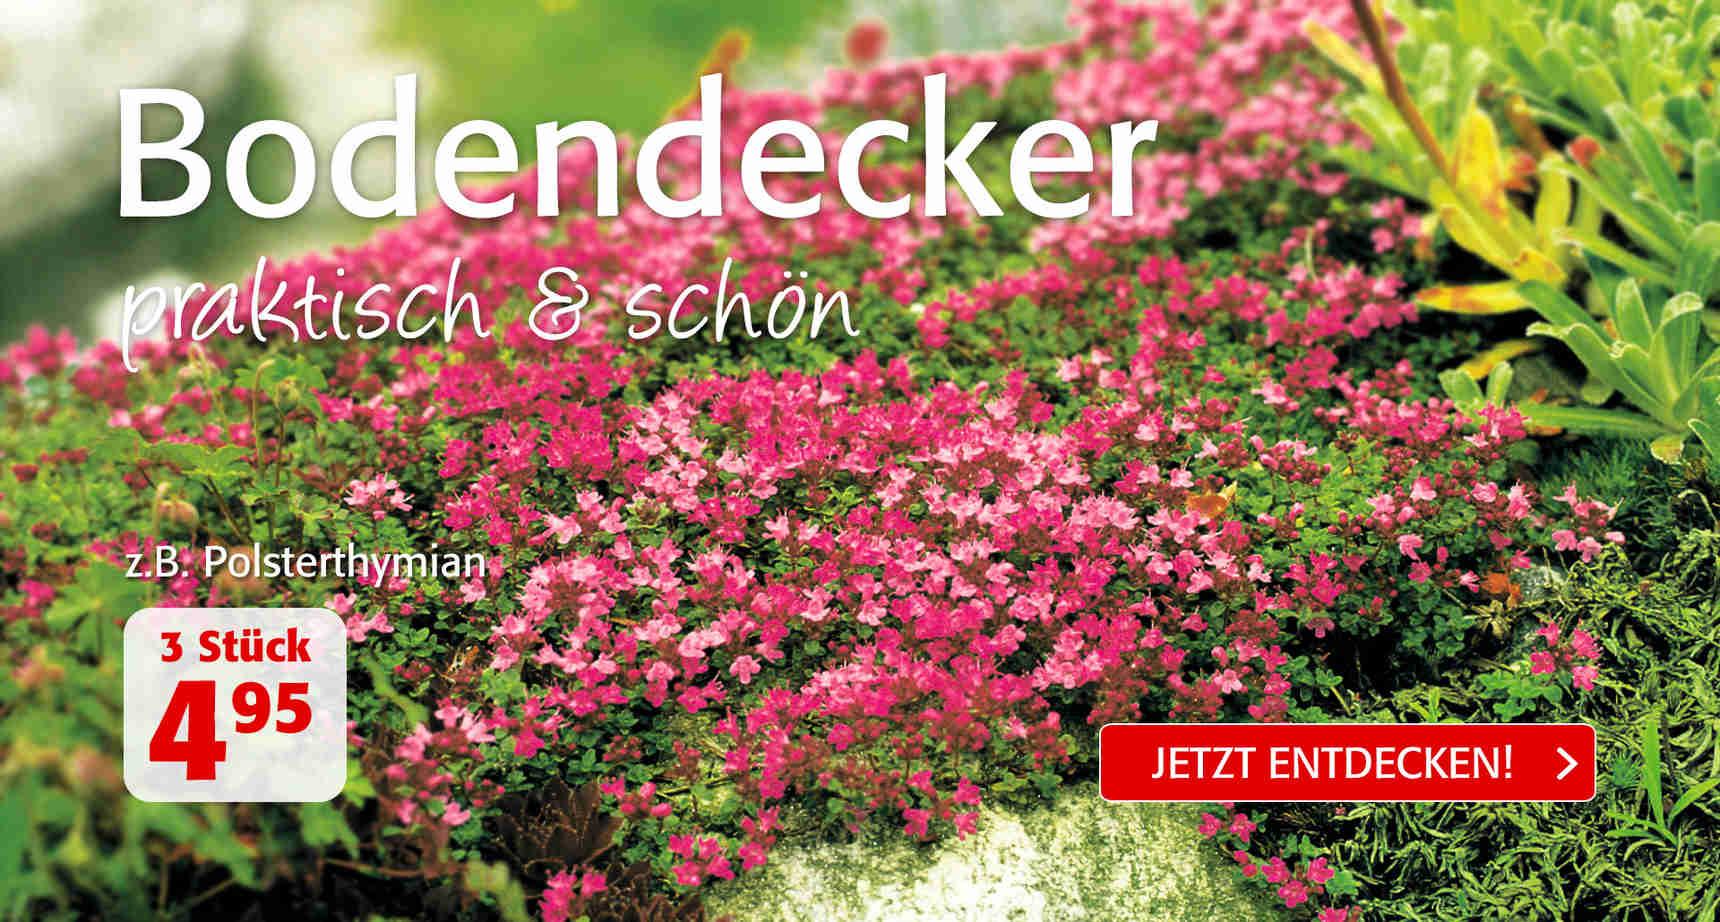 +++ (2) Bodendecker +++ - 3